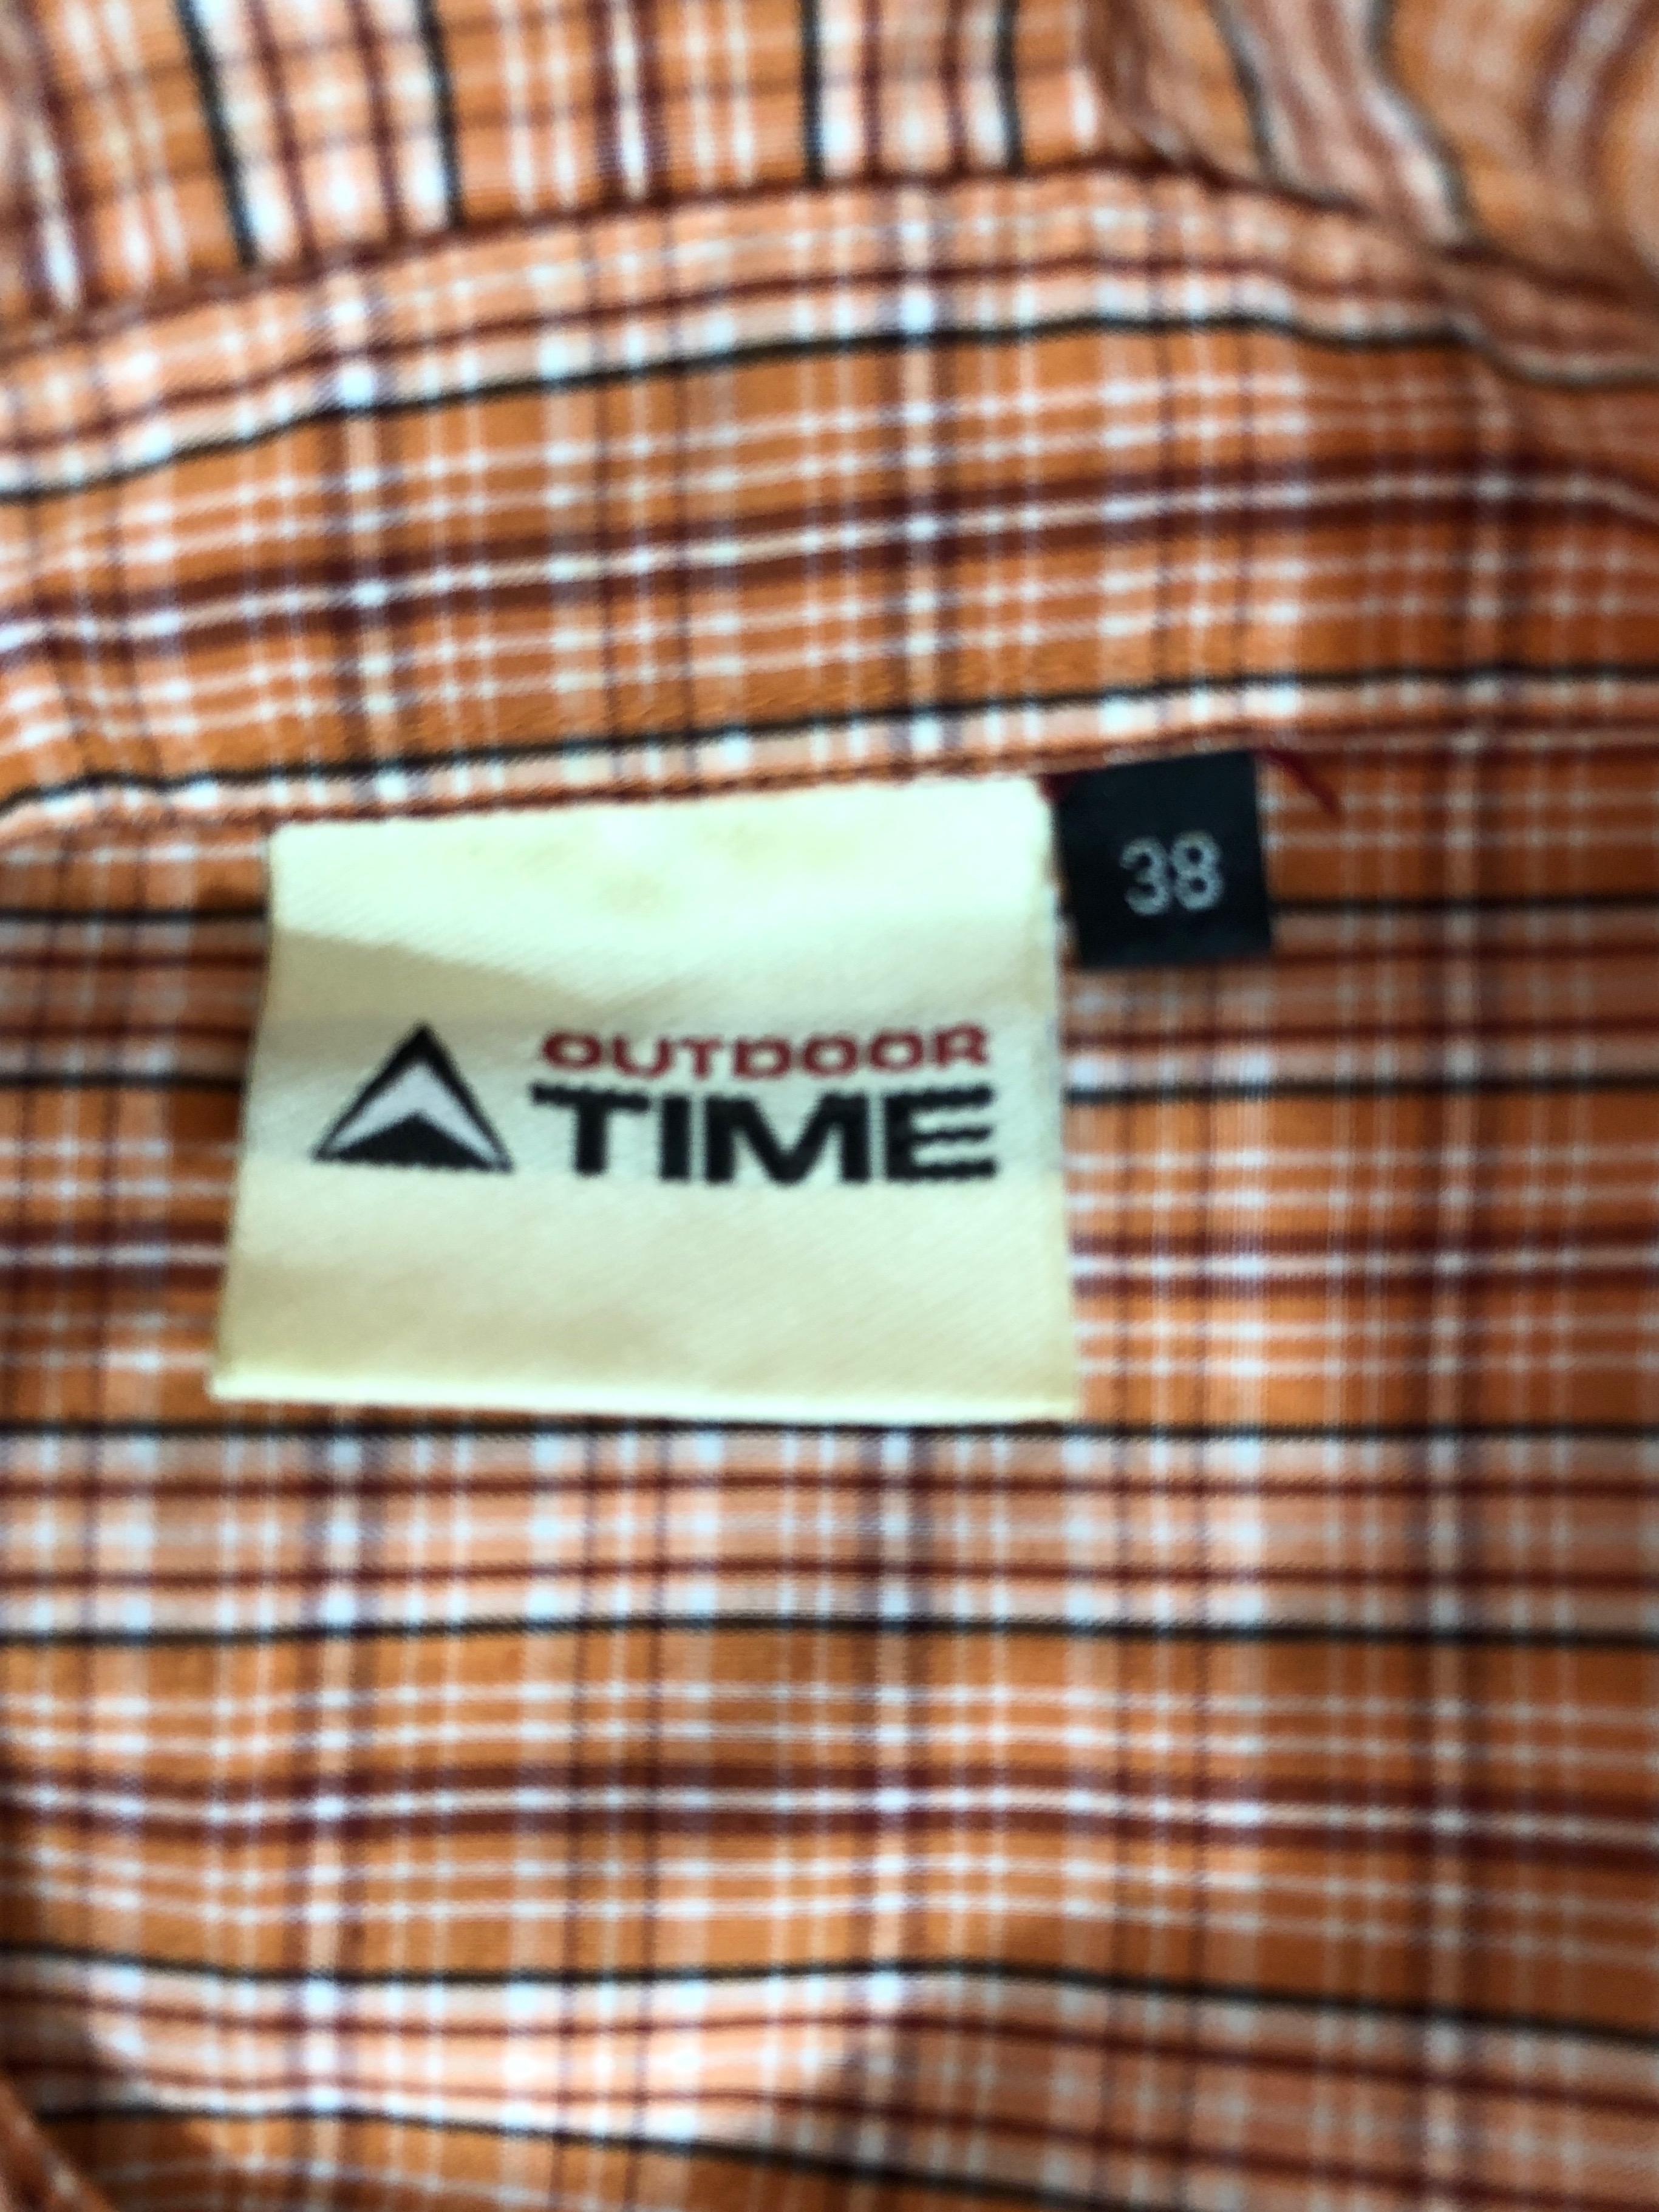 Košile Outdoor Time. Dostupnost  skladem 1 ks 831089d493